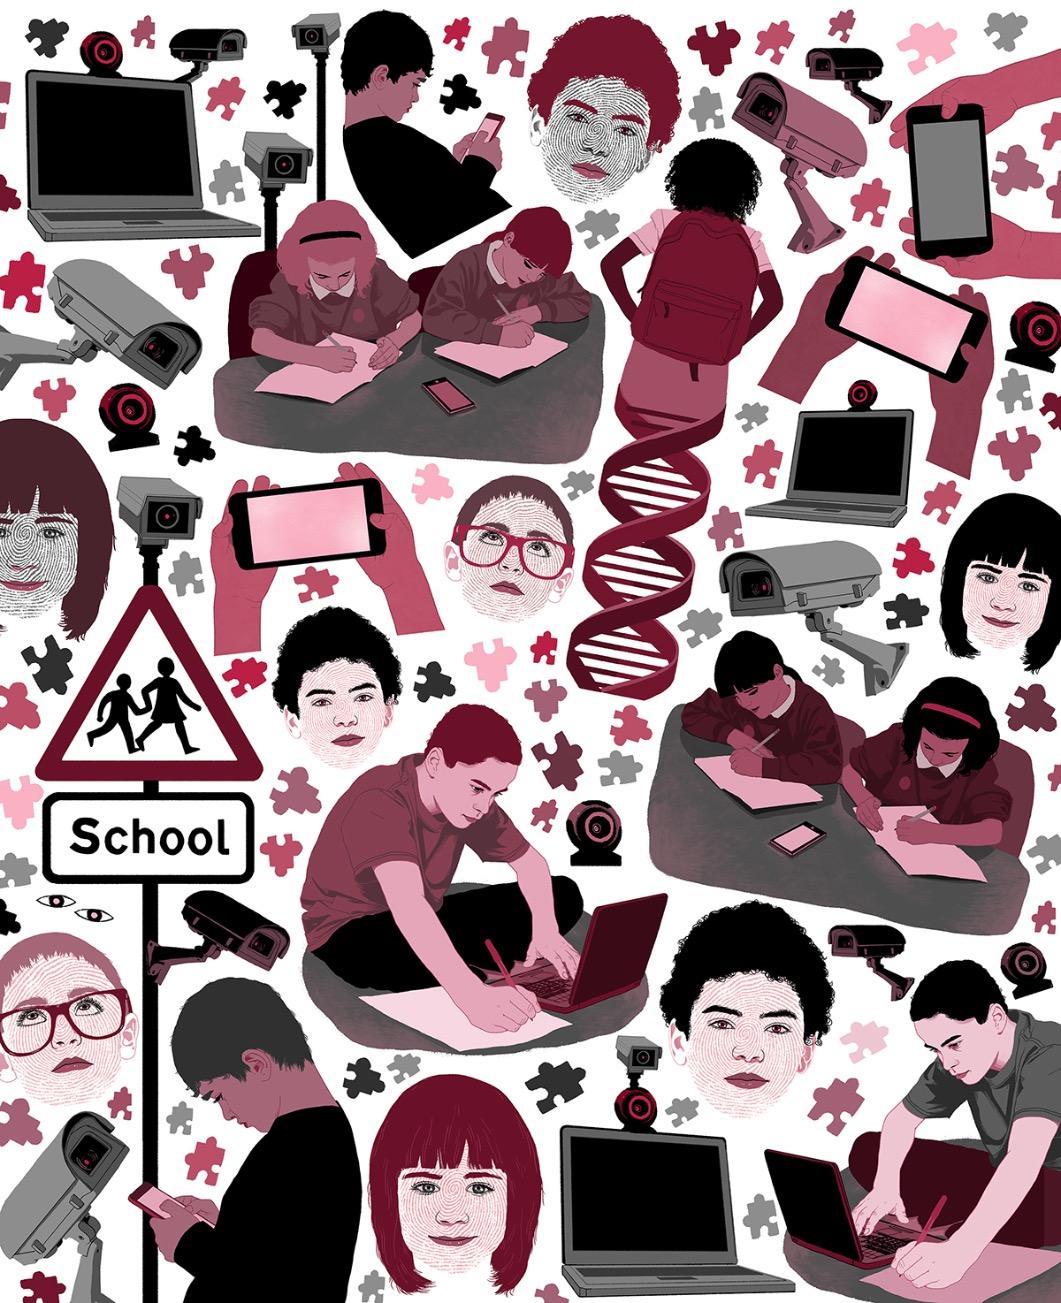 rebecca-hendin-defend-digital-me-illustration-0-1200_edited